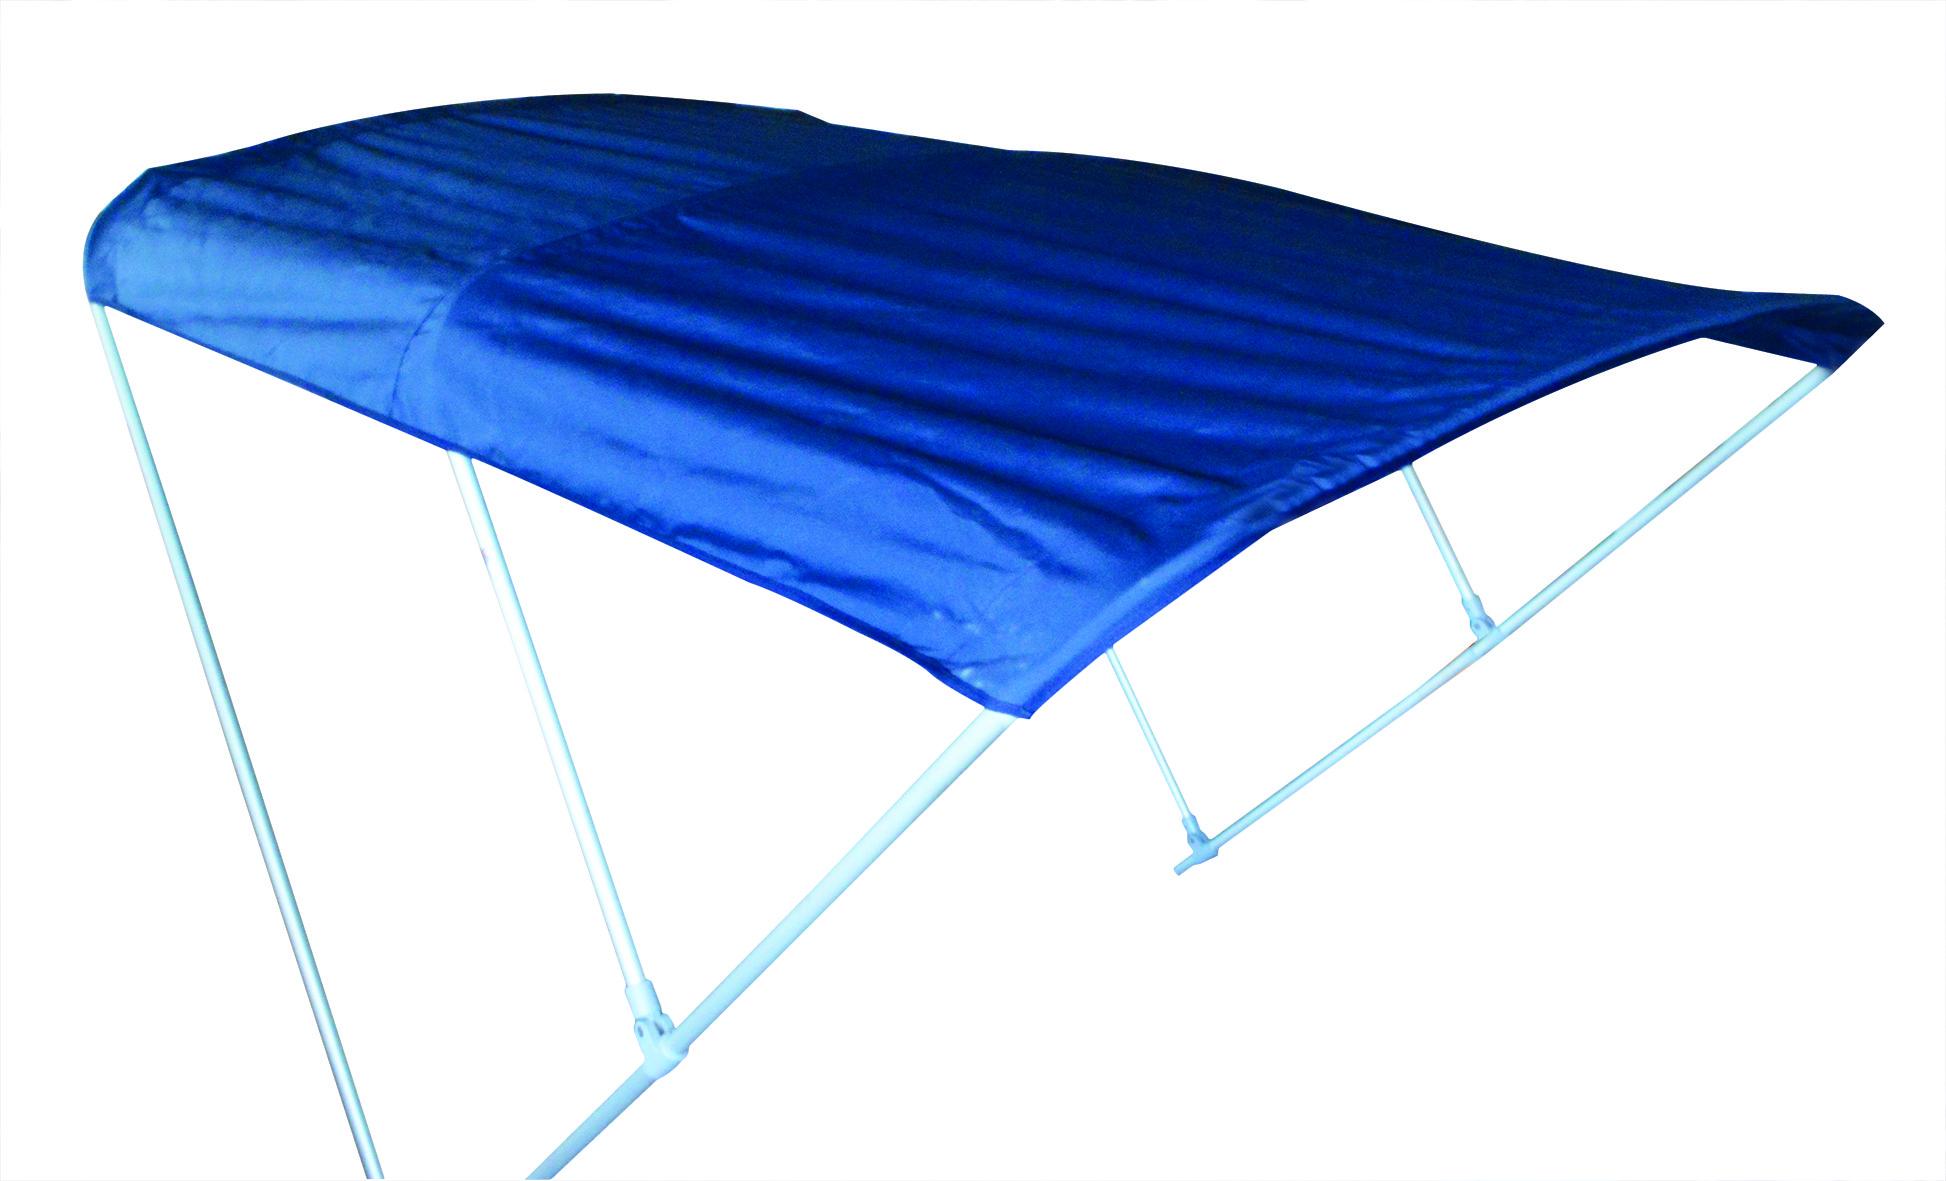 146.35 - Τέντα Με Σταθερά Πλαίσια Αλουμινίου (Με Τρία Μπράτσα) L200 x W 150 x H 130 cm Χρώματος Μπλε